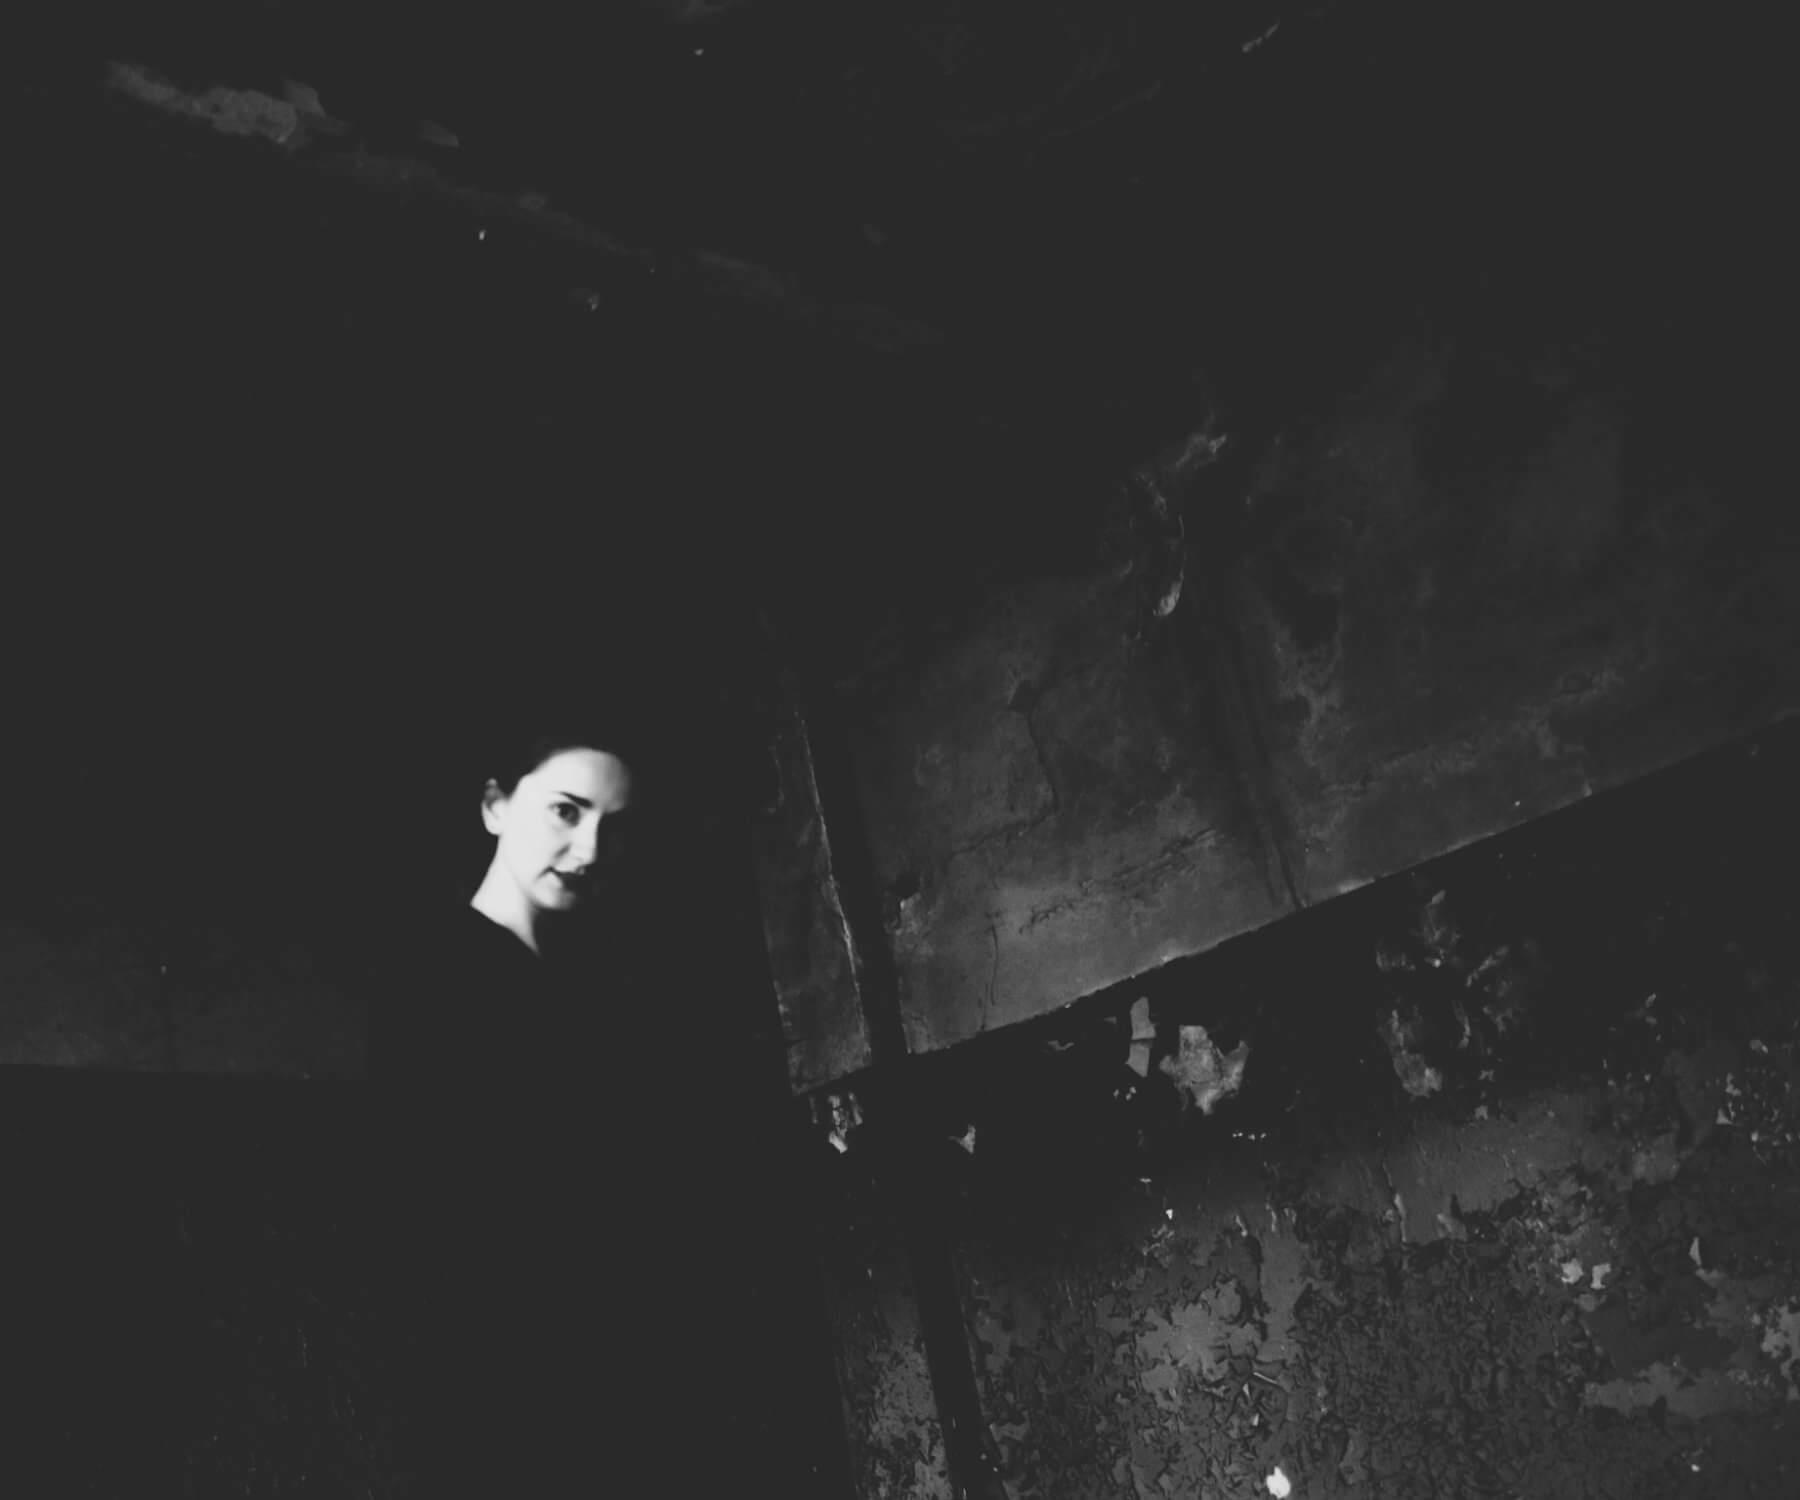 Eckhard Ischebeck - Out of the dark